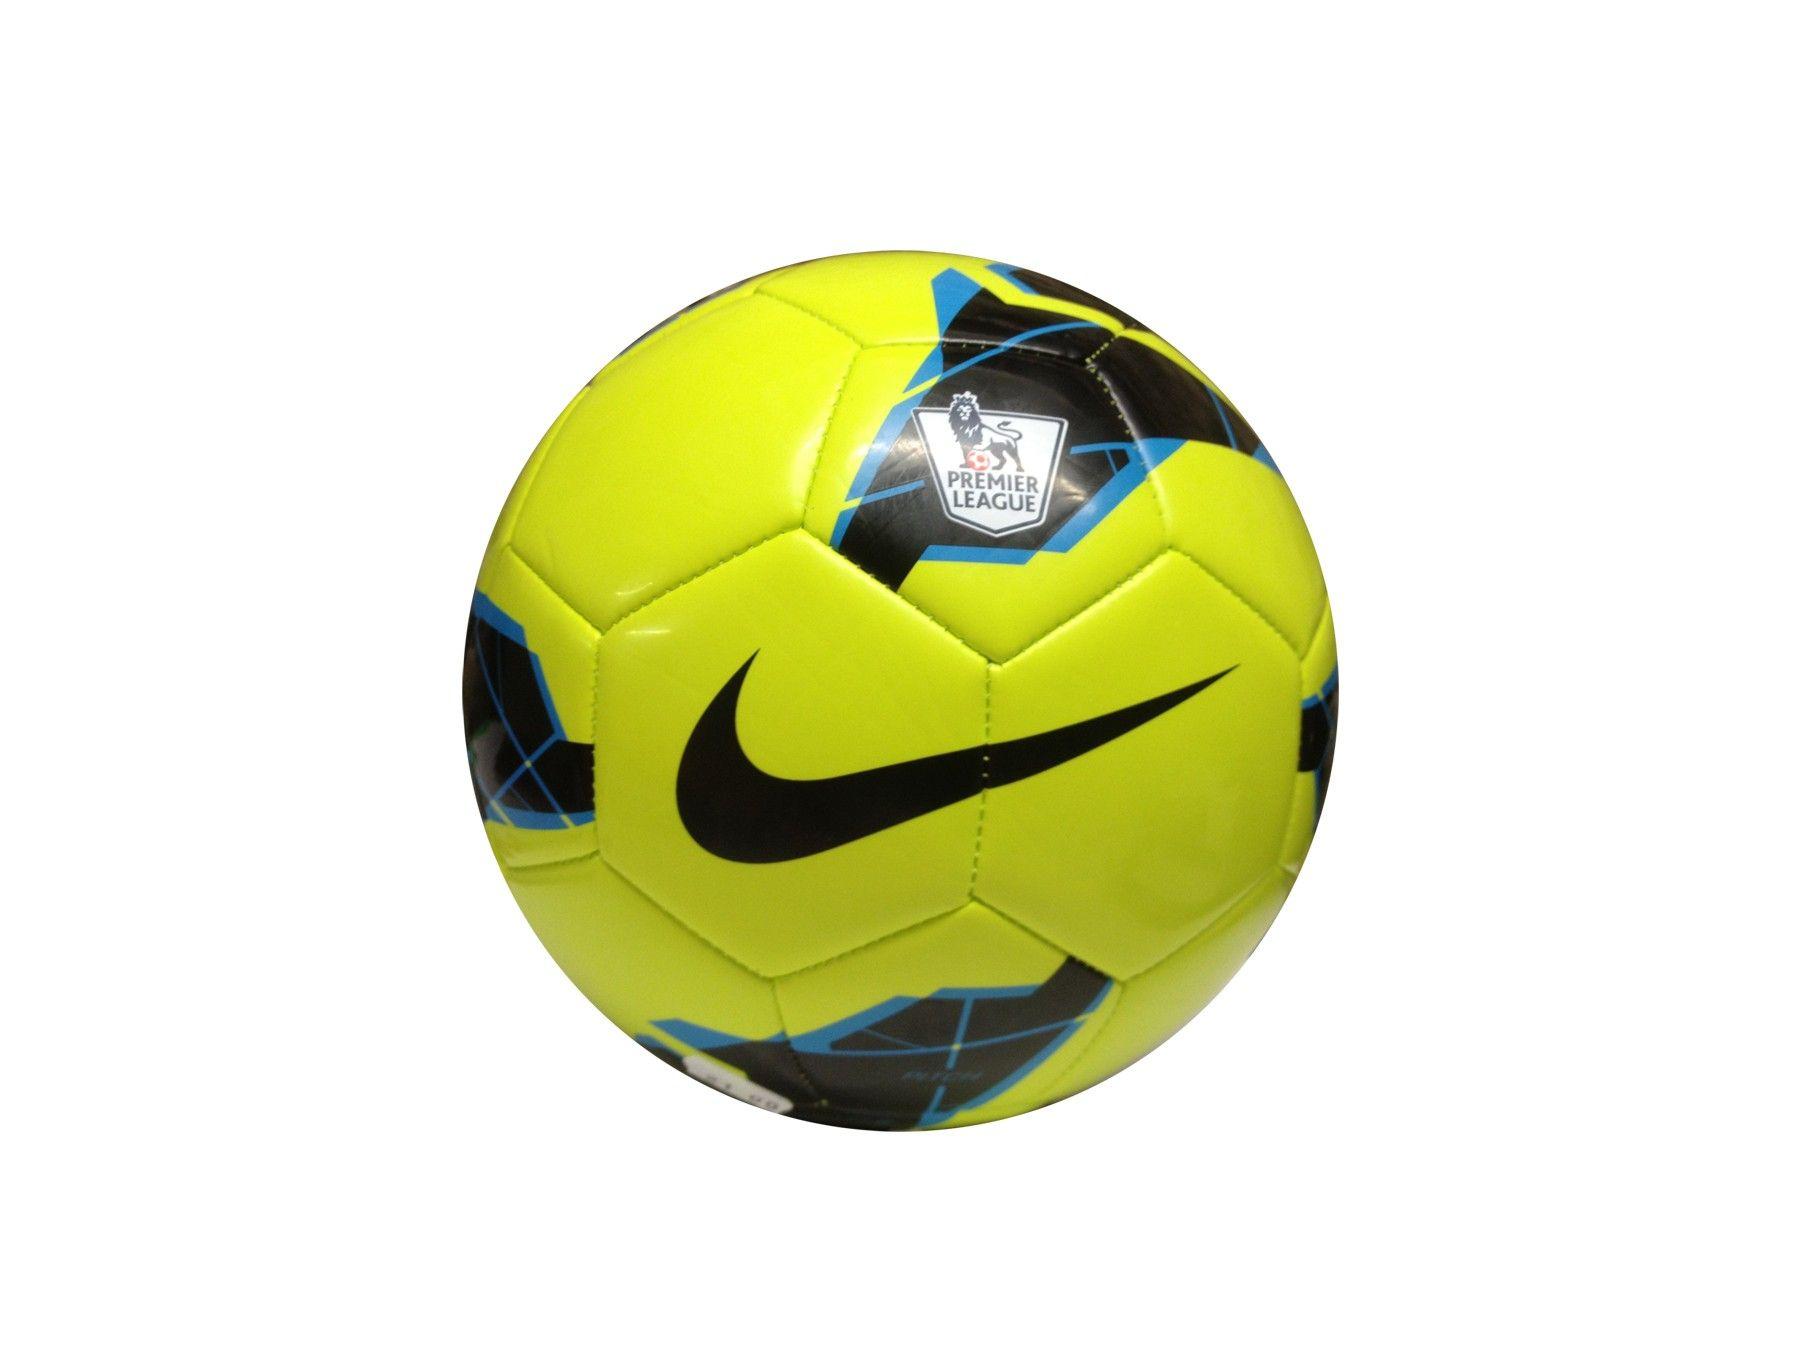 NIKE- BALON FUTBOL MOD. PITCH - Fútbol - Balones  334da3ebb7169